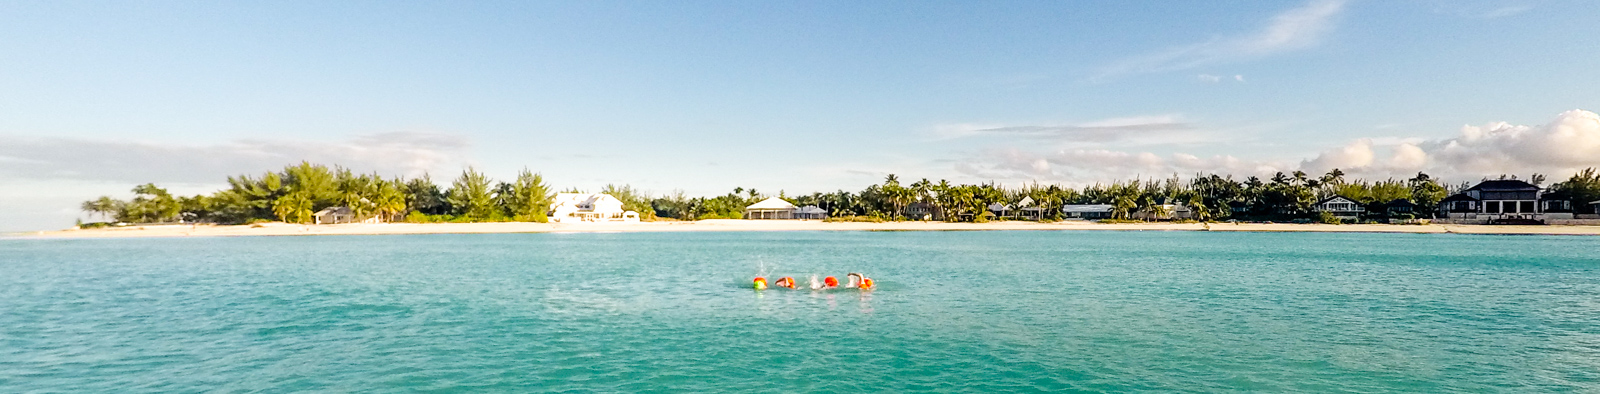 Synchro swimming in Treasure Cay Bay.